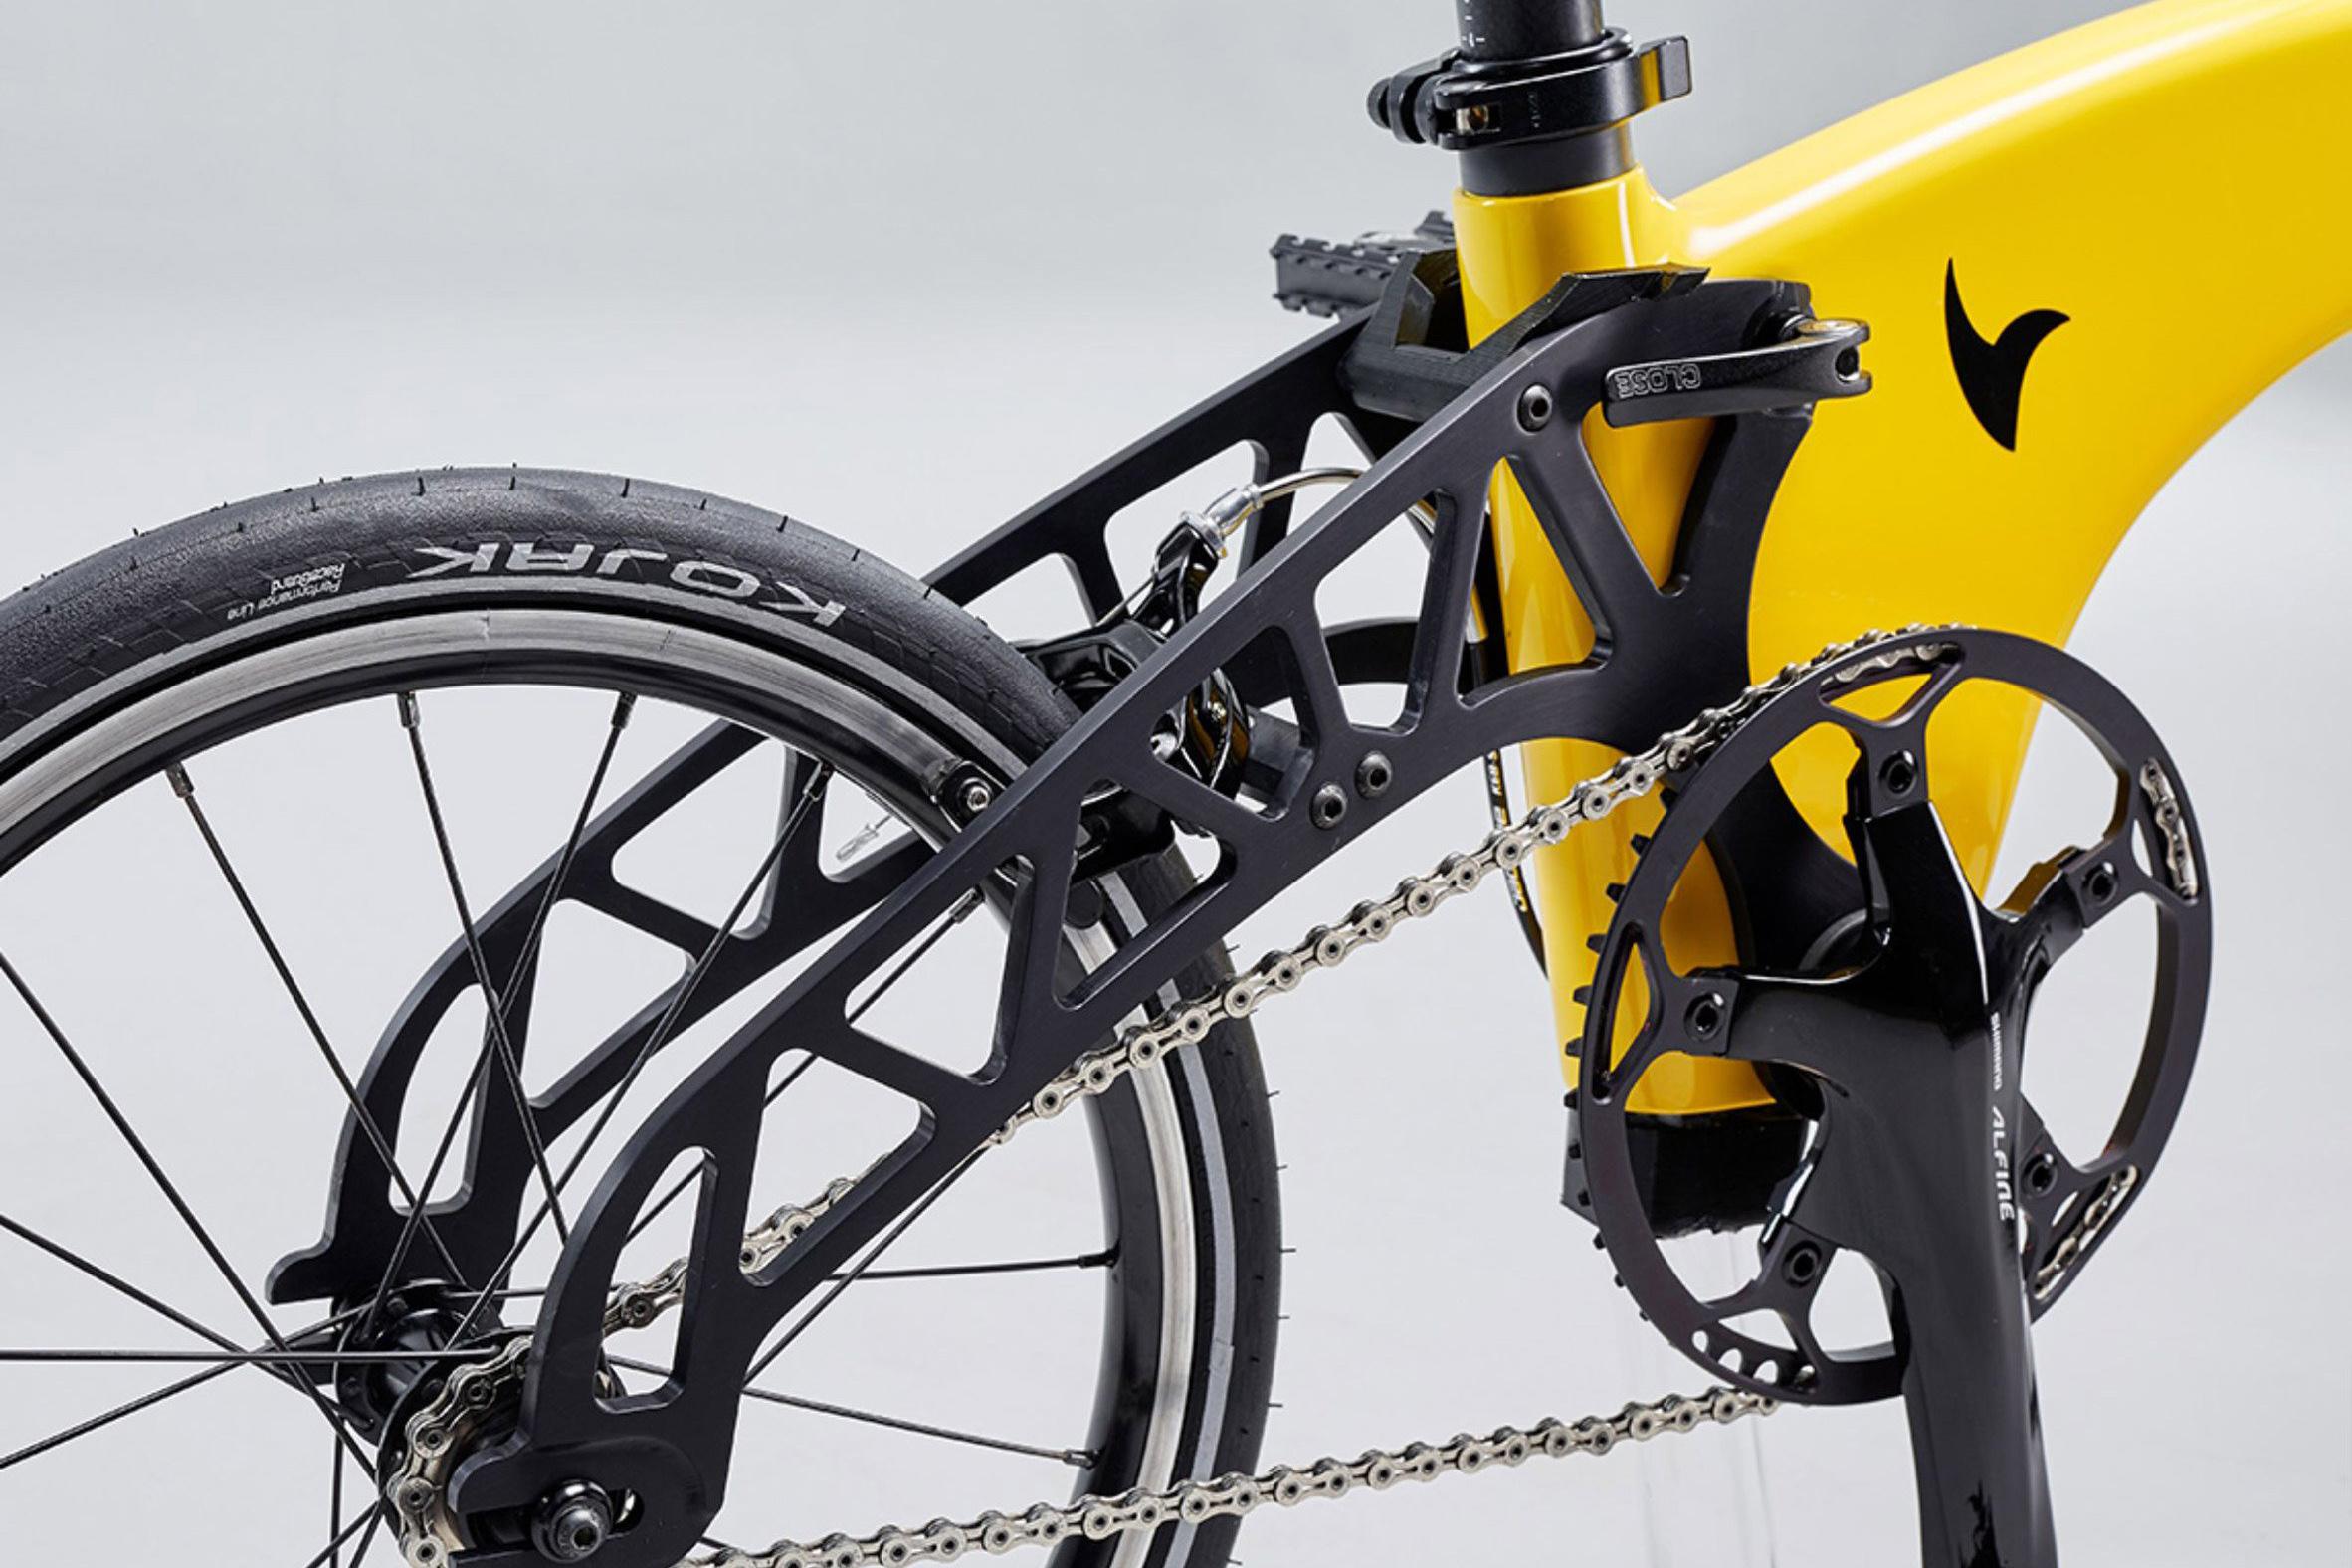 hummingbird-bike-in-production-design_dezeen_2364_col_3.jpg